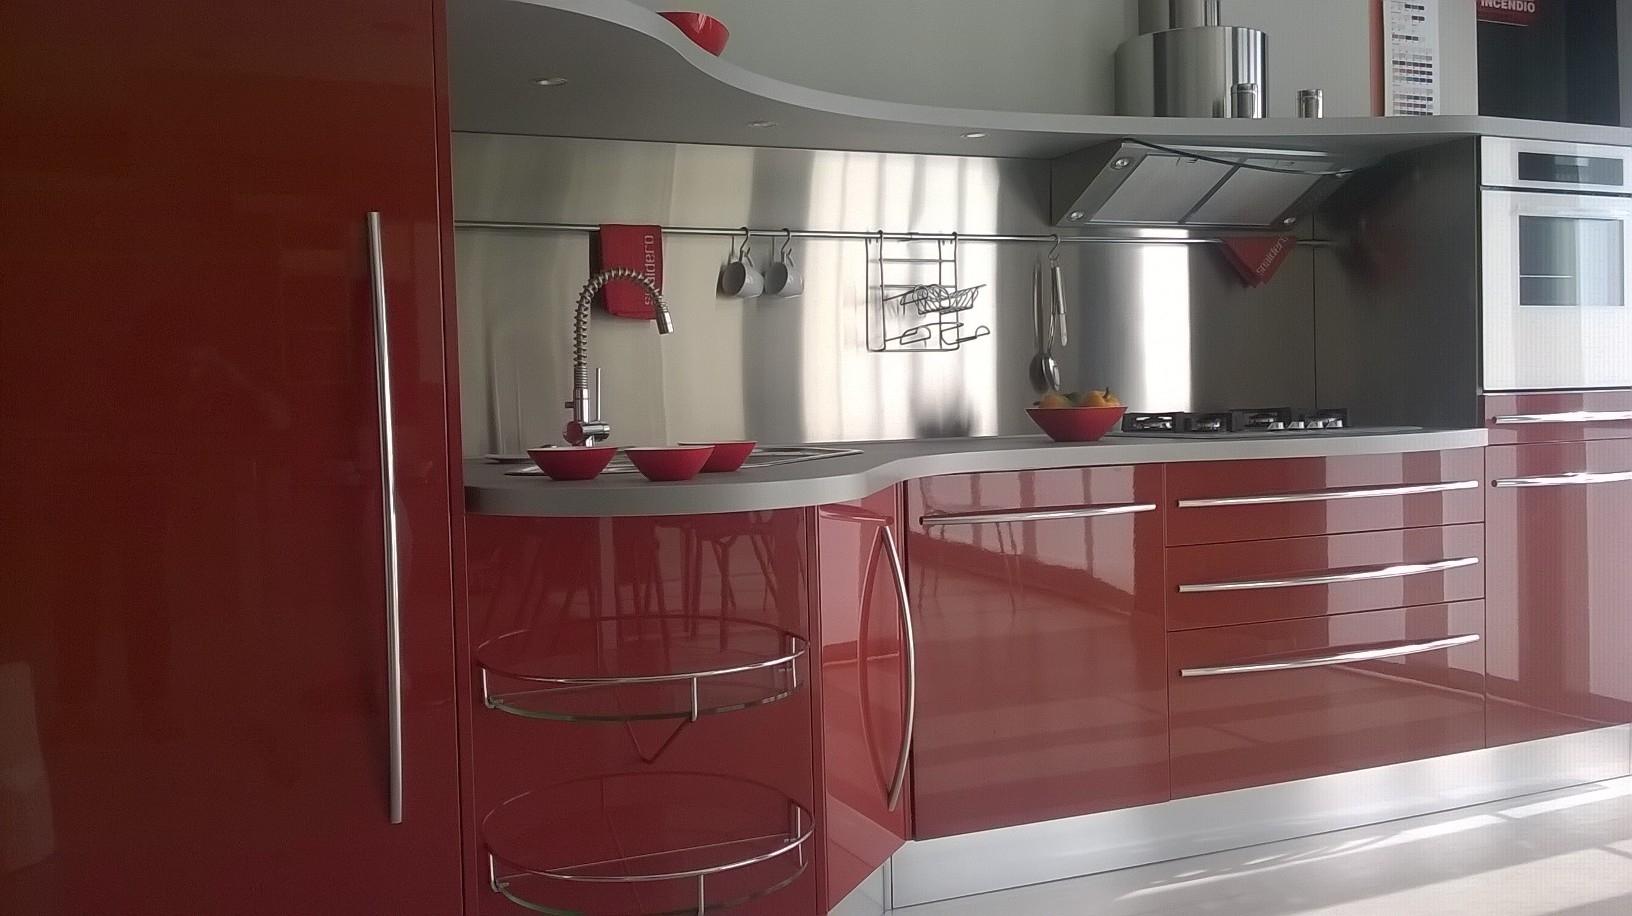 Snaidero cucina skyline scontato del 61 cucine a - Cucine snaidero outlet ...